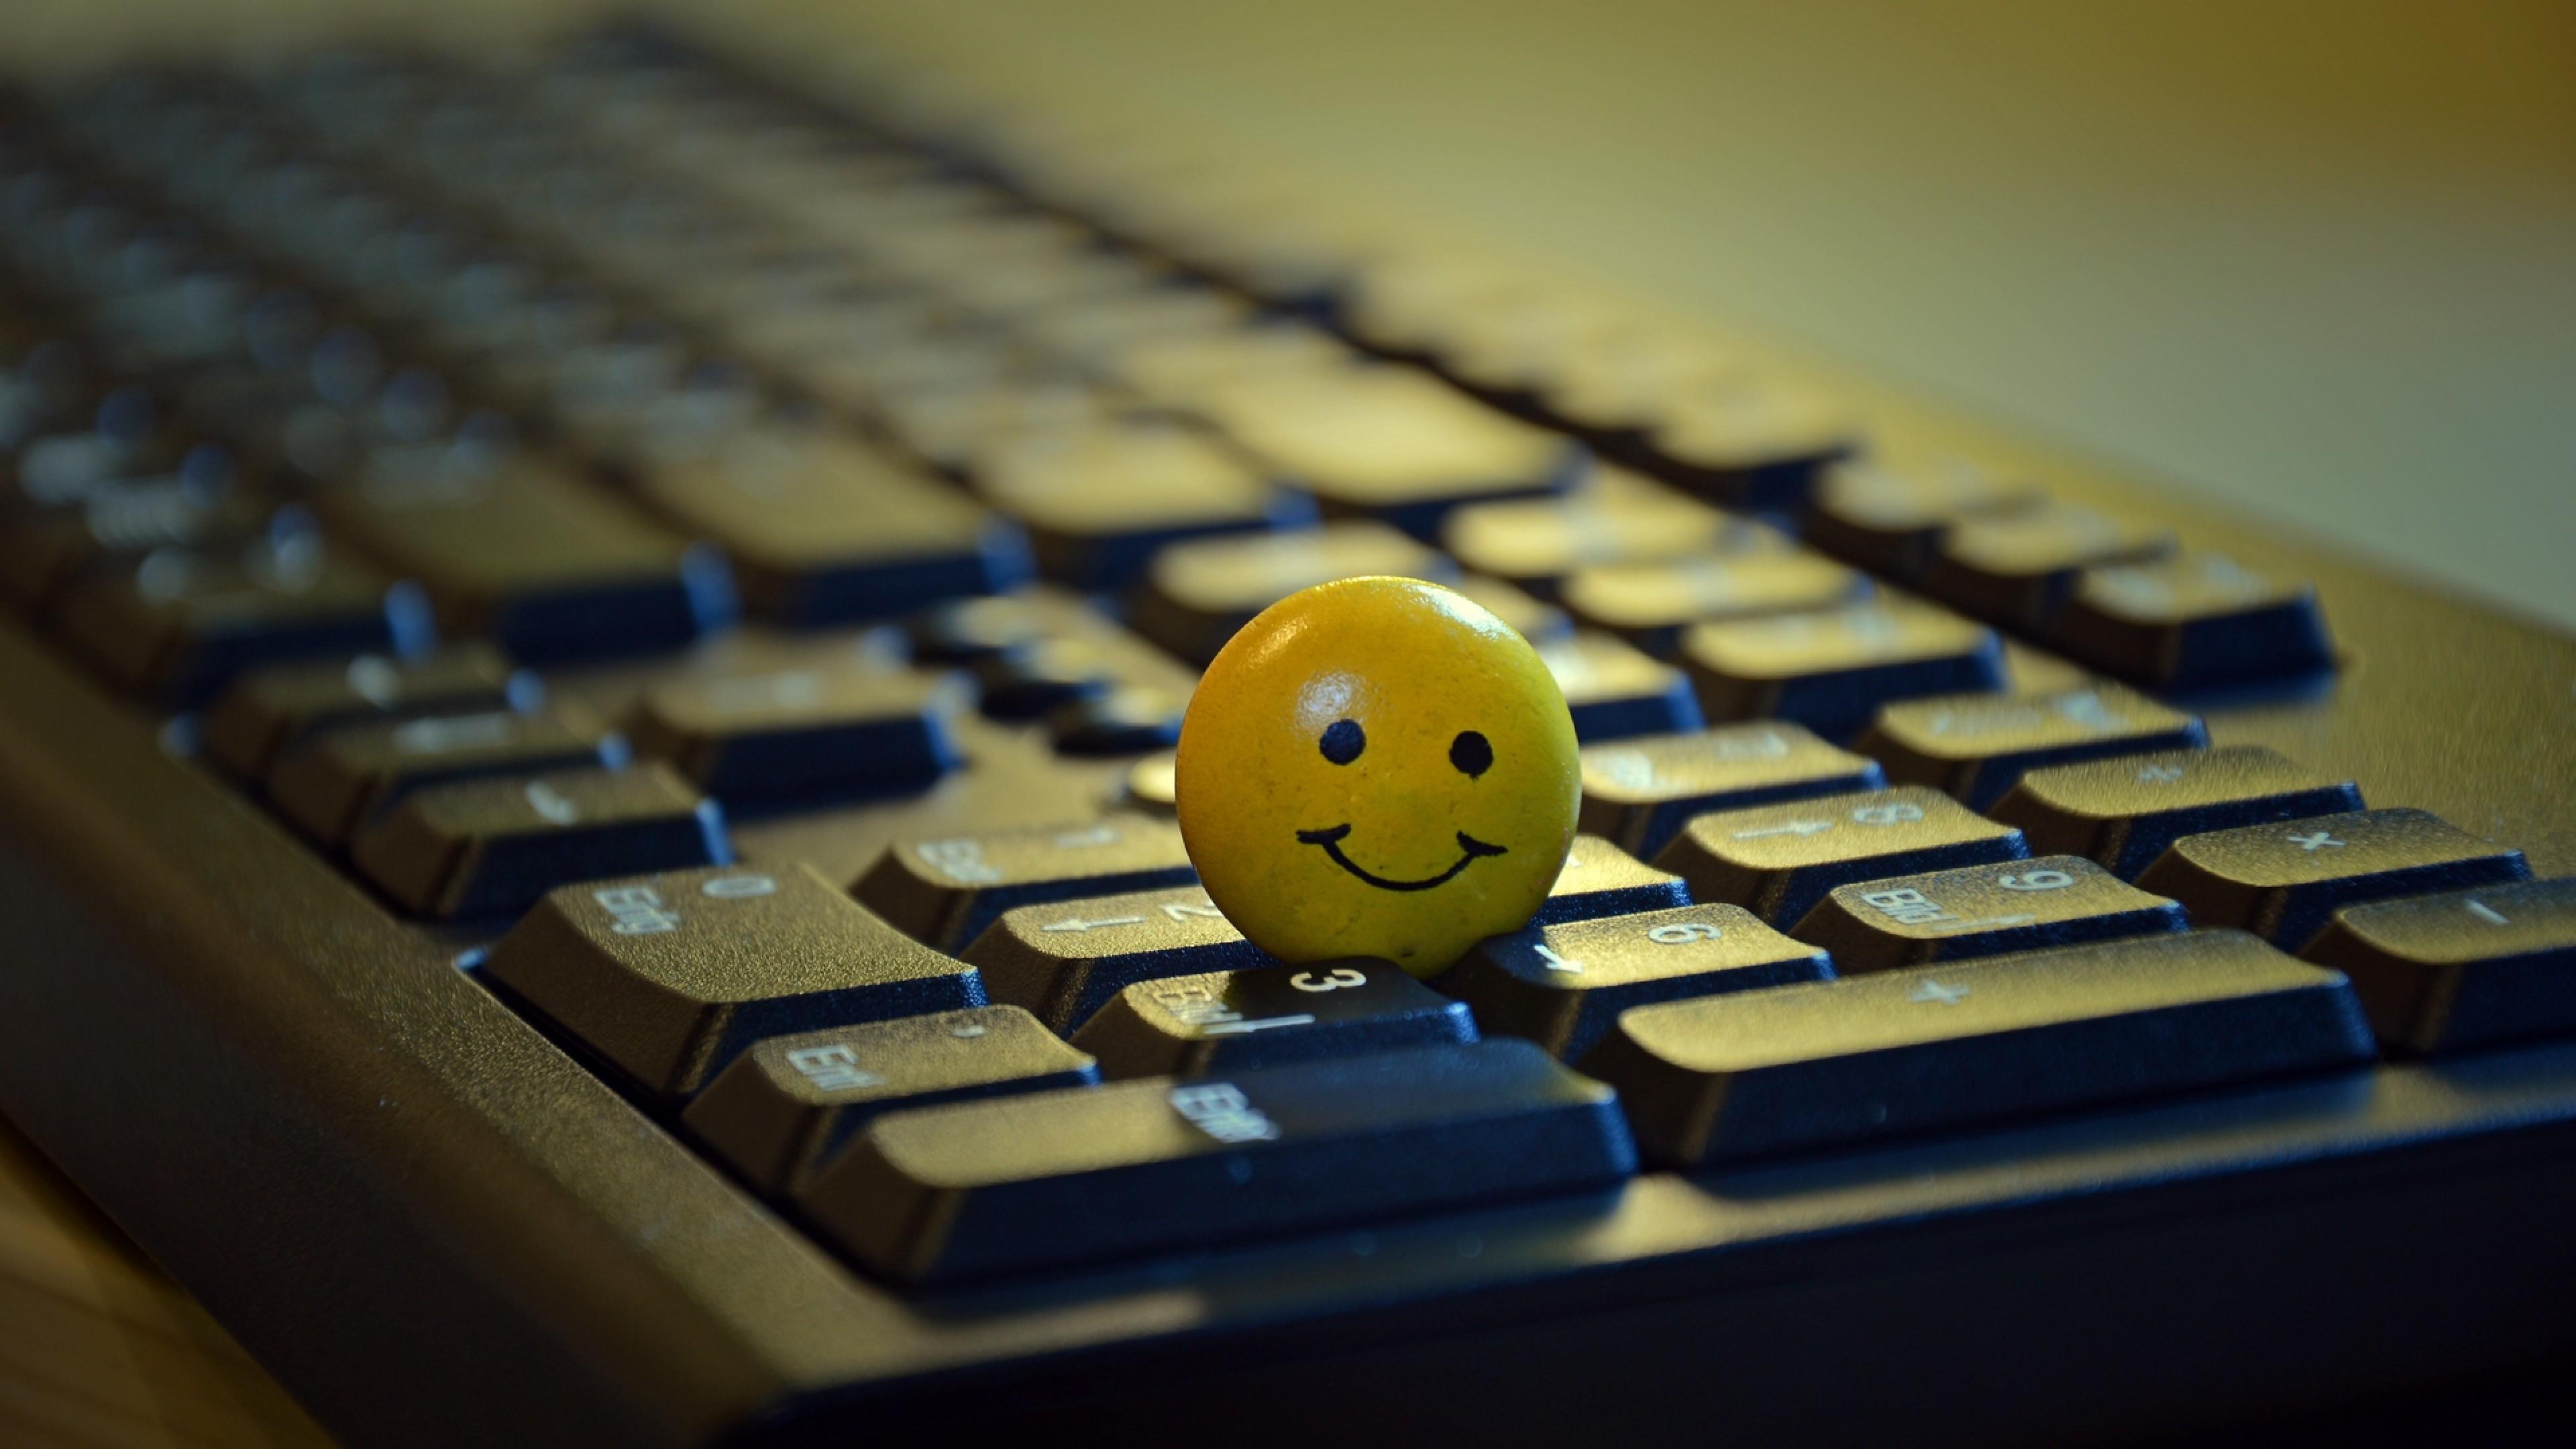 Smiley Standing On A Keyboard Hd Wallpaper 4k Ultra Hd Hd Wallpaper Wallpapers Net